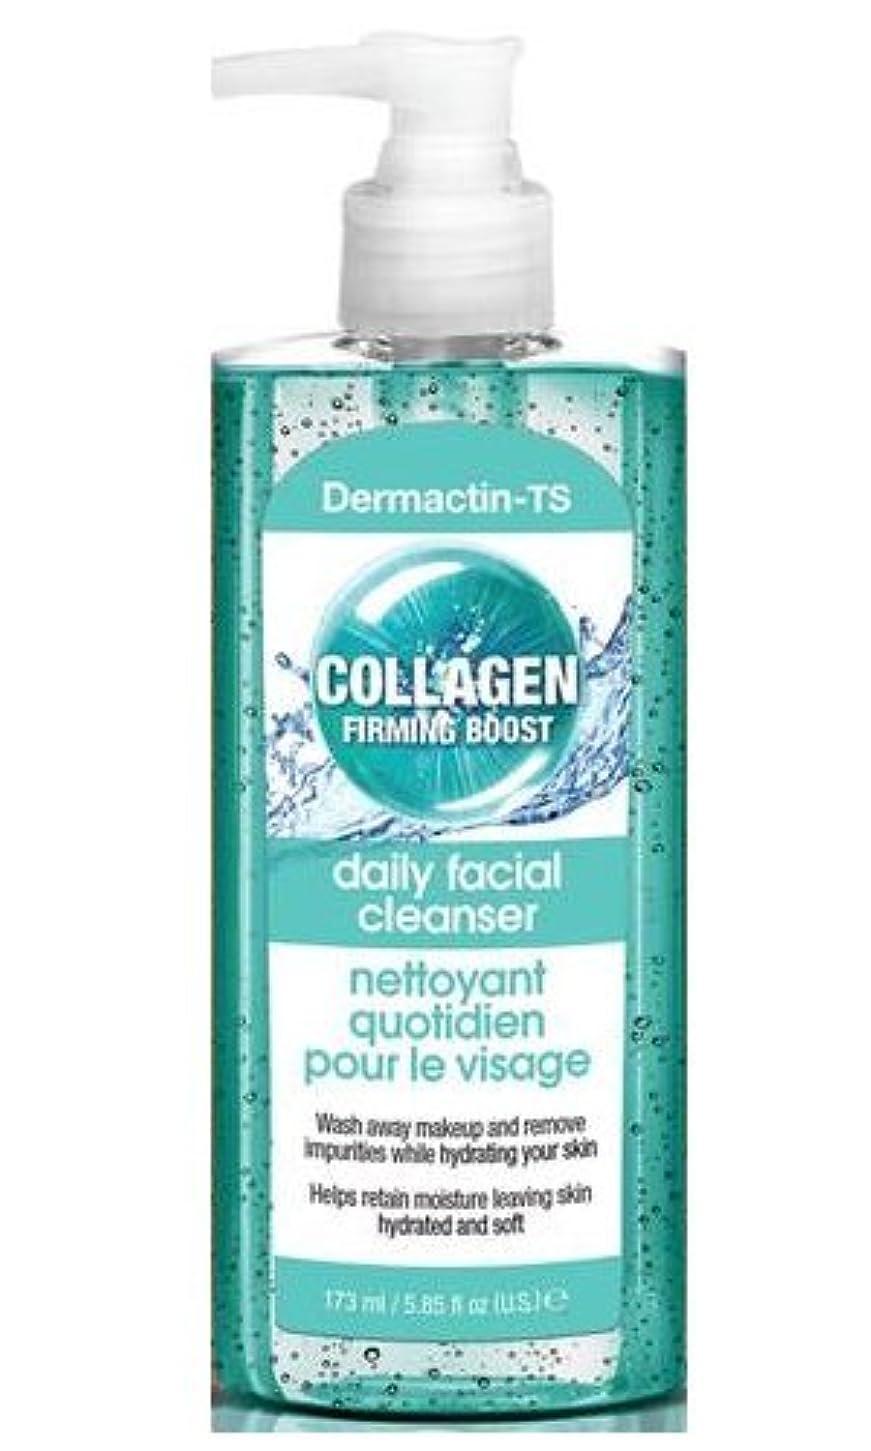 収入酒ファッションDermactin-TS コラーゲンフェイシャルクレンザー165g (3パック) (並行輸入品)